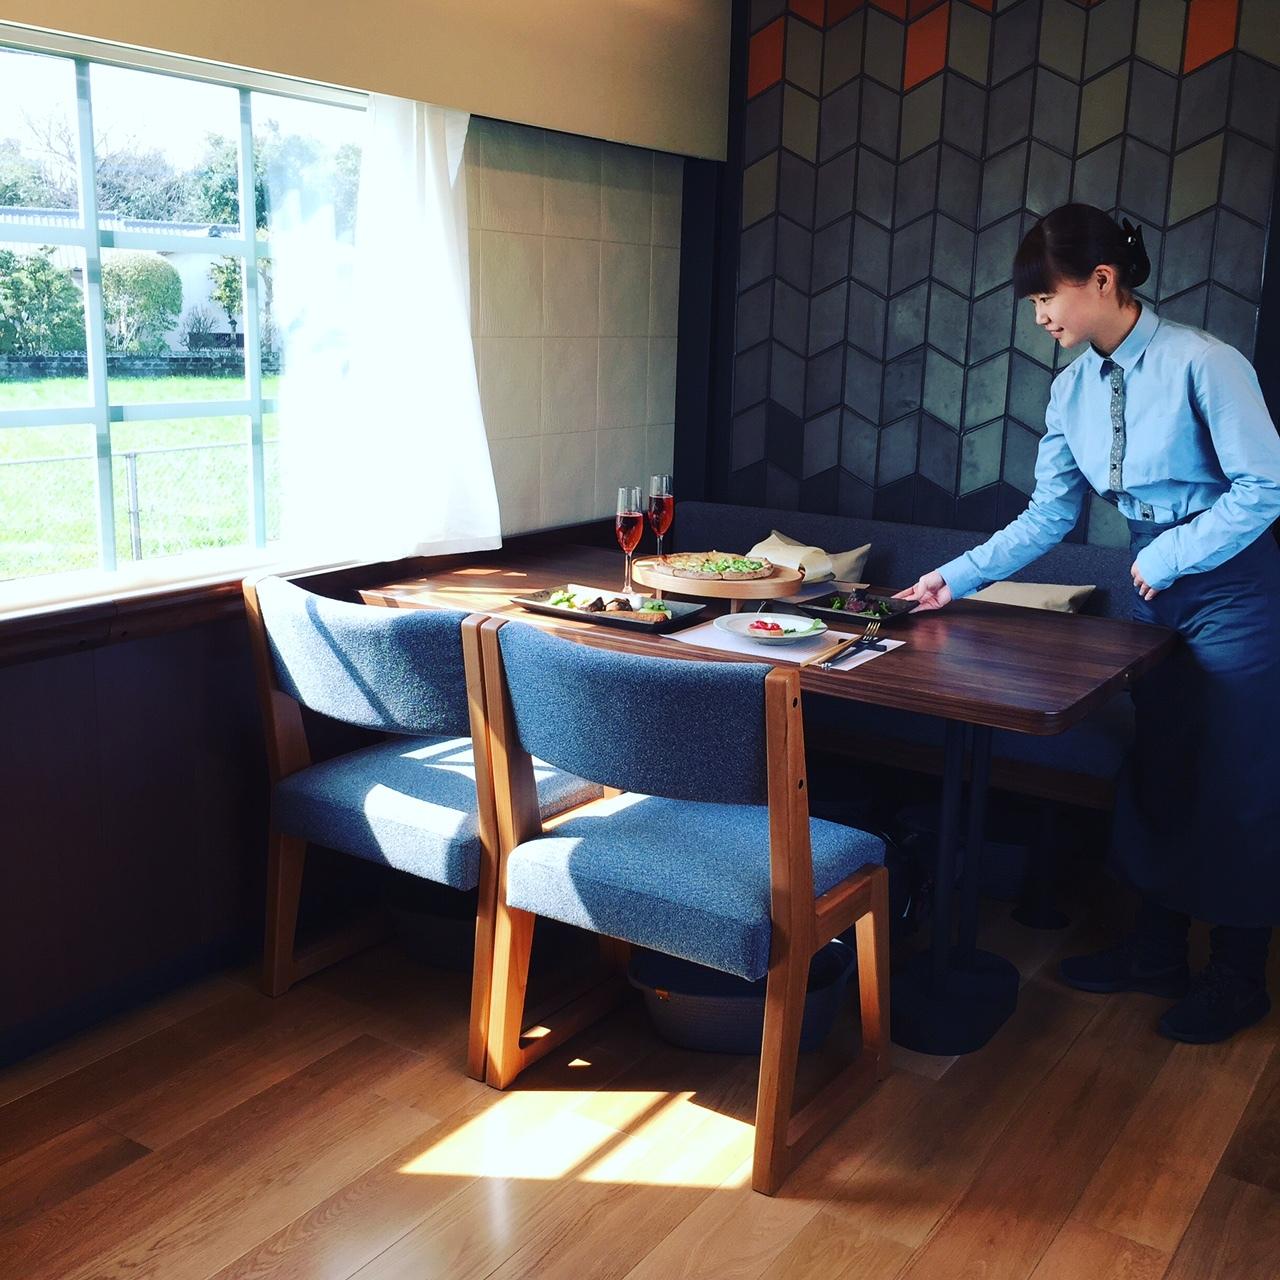 筑後を味わう旅列車「THE RAIL KITCHEN CHIKUGO」に乗って ①_1_1